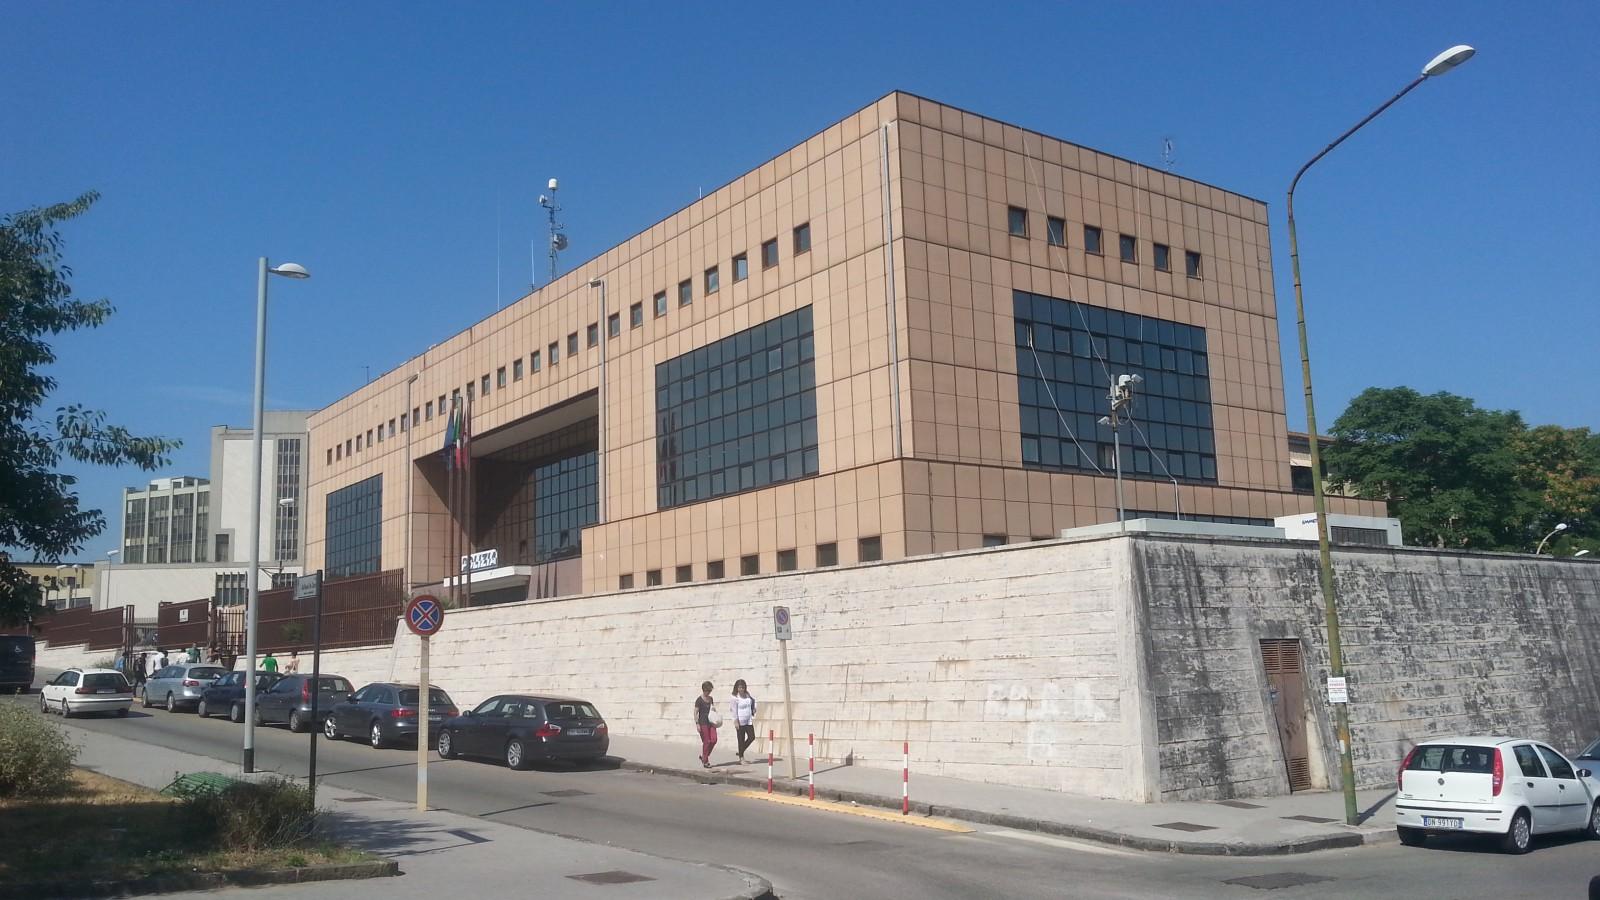 La Polizia e le donne: convegno alla Questura di Benevento